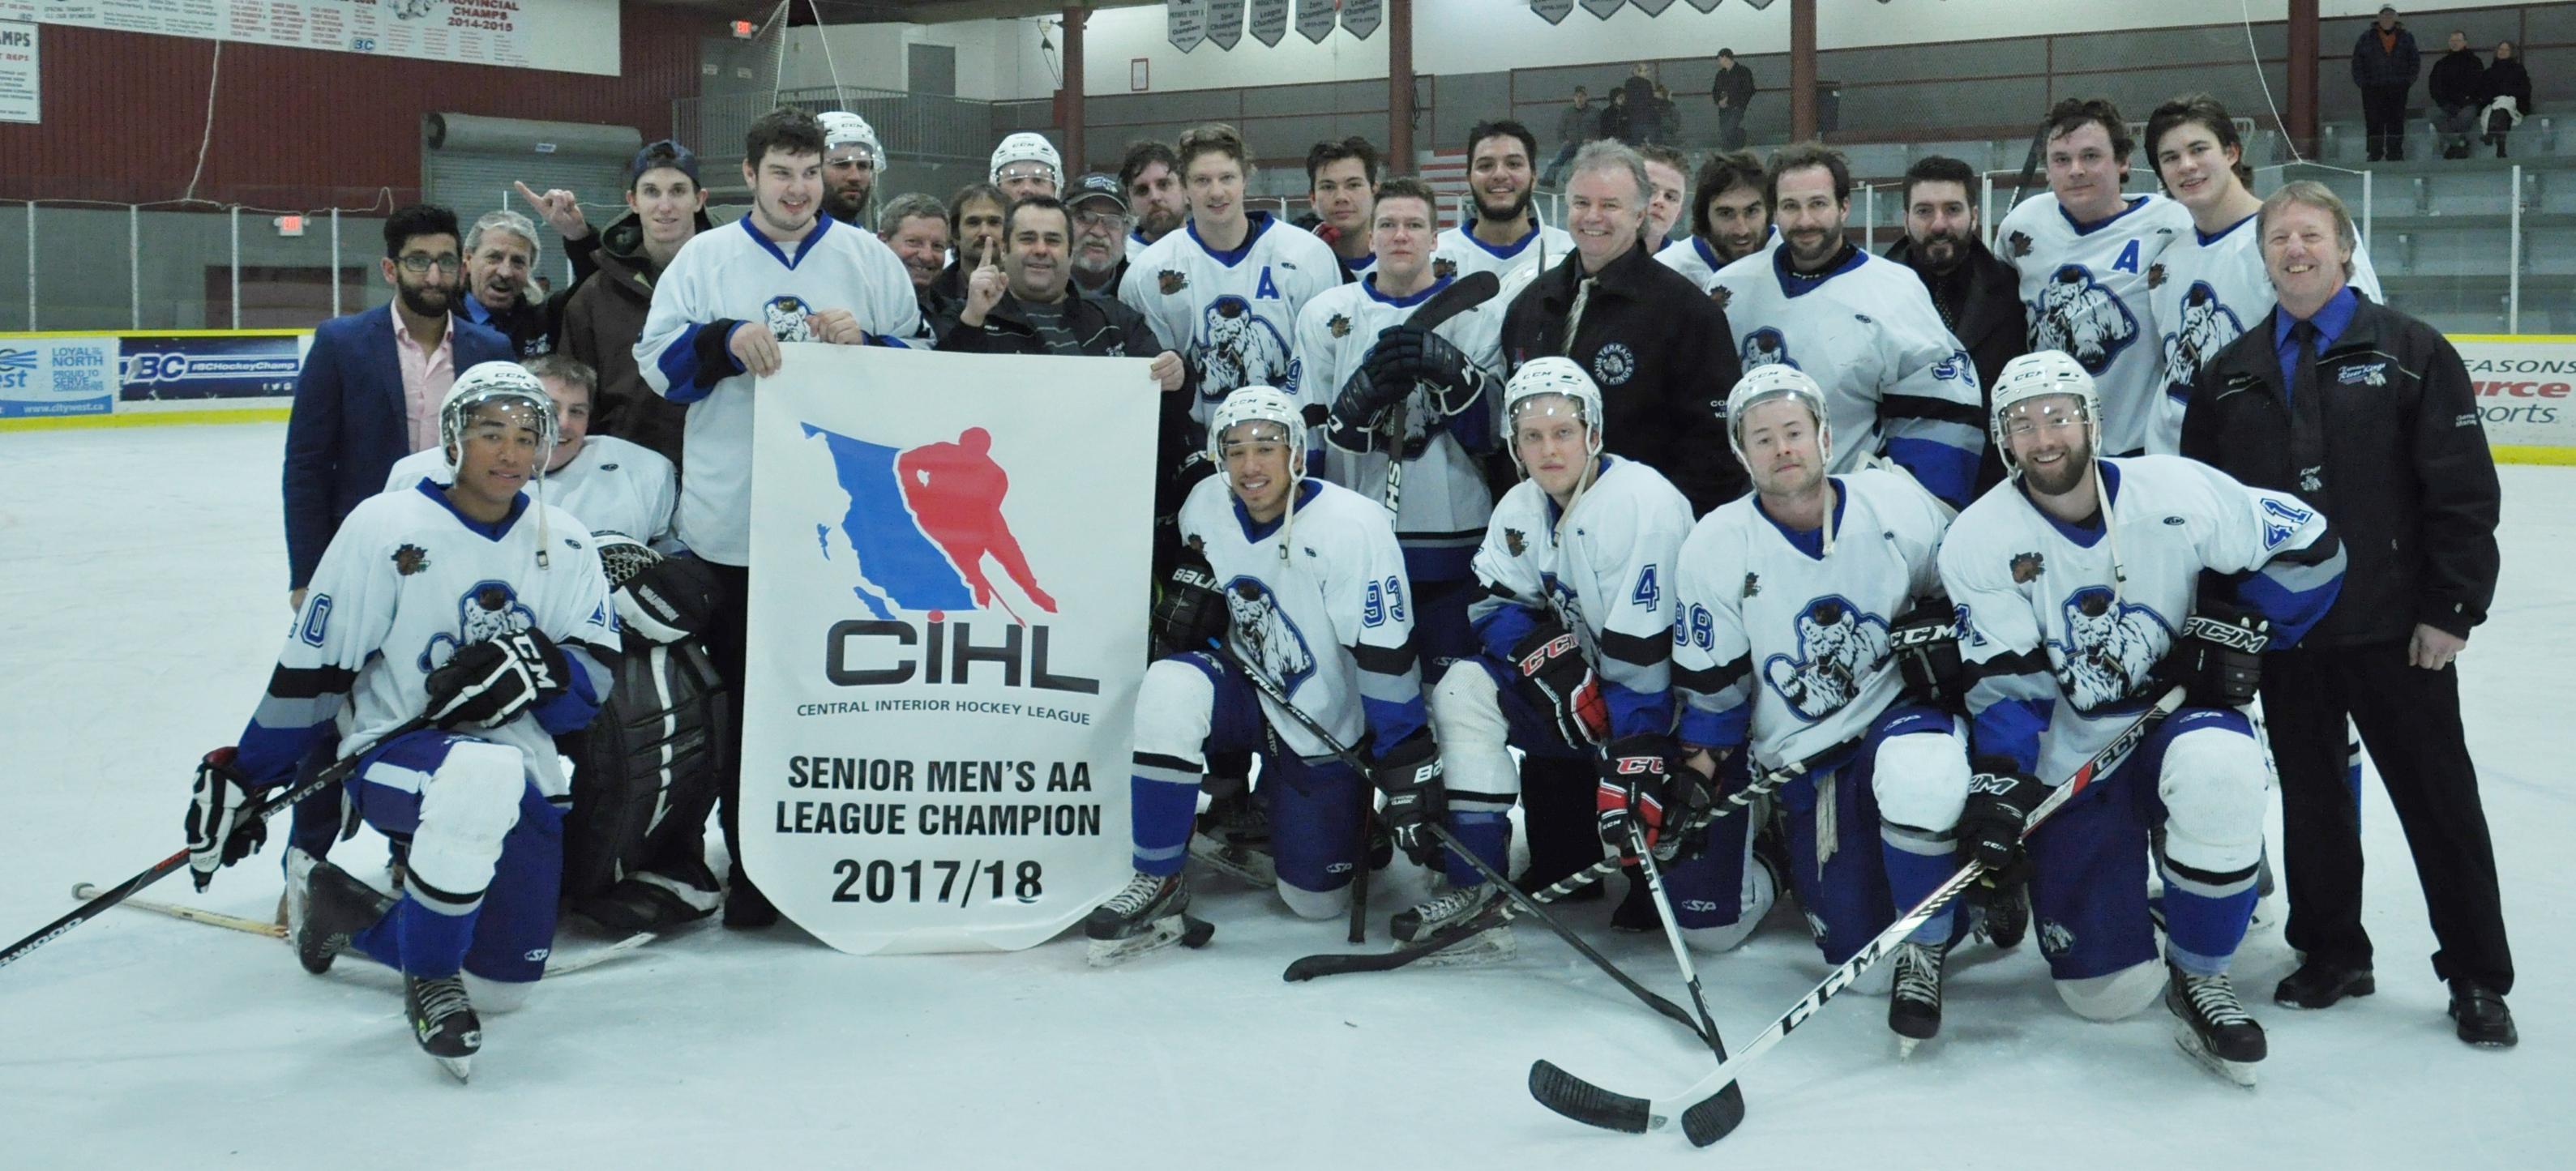 2017-18 CIHL Season